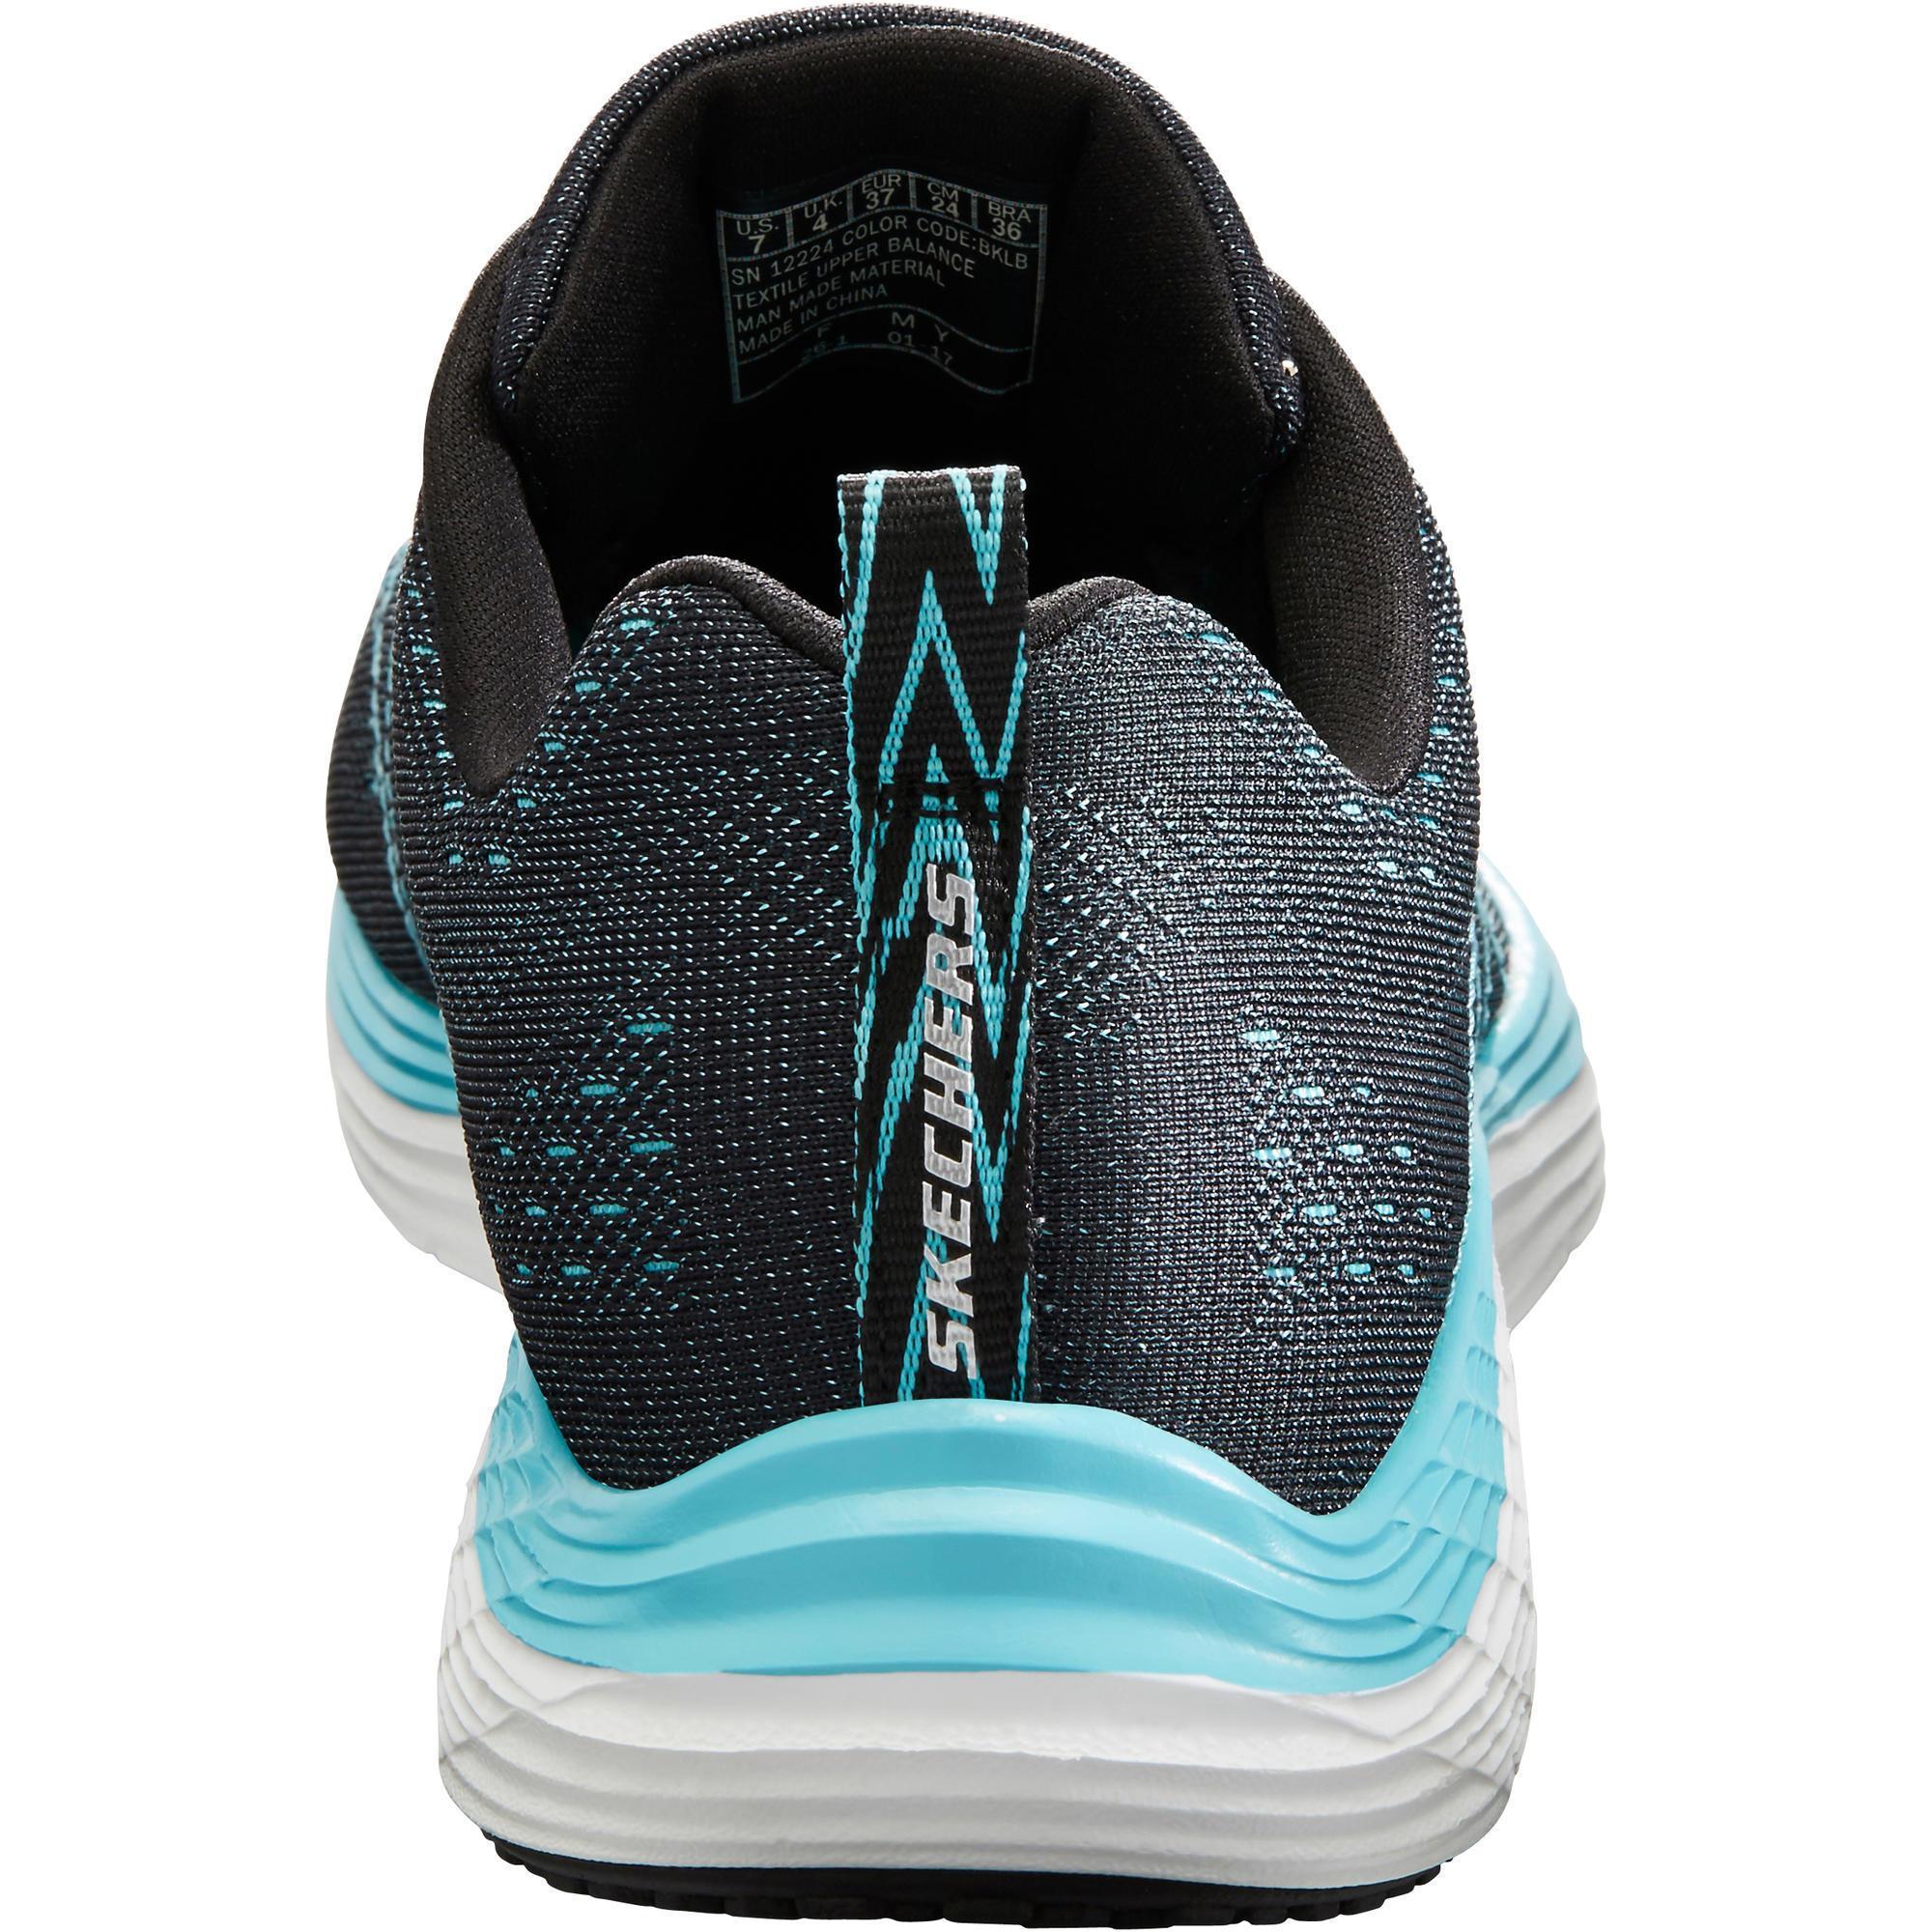 Sport Les De Marche Wqa1cze La Chaussures Pour Skechers Femmes Sportive vO0ymNw8n